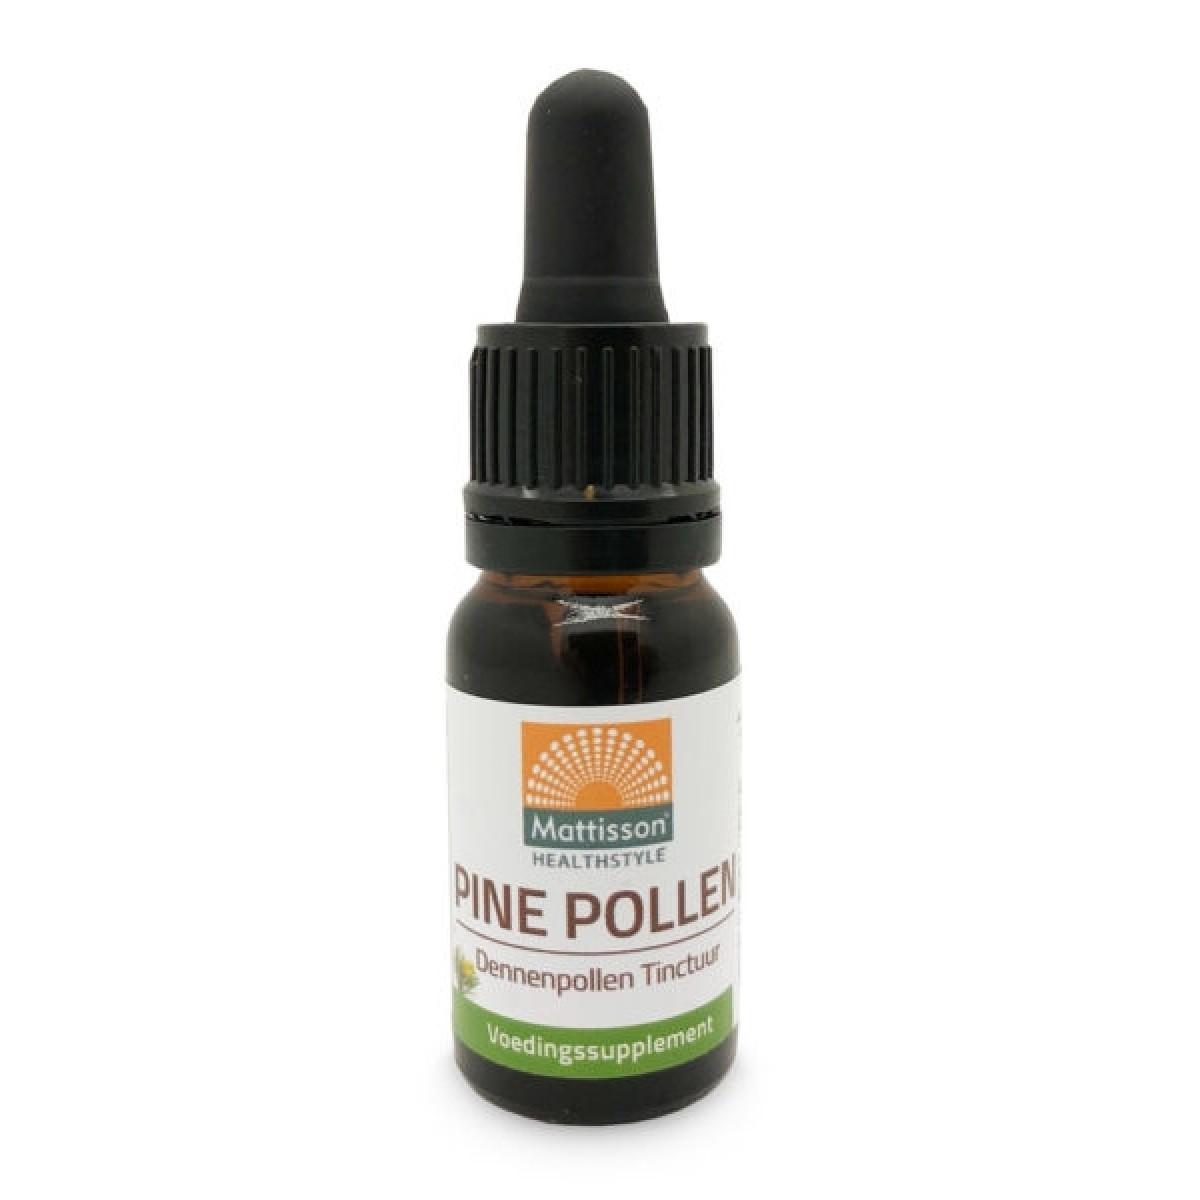 Pine Pollen Dennenpollen Tinctuur